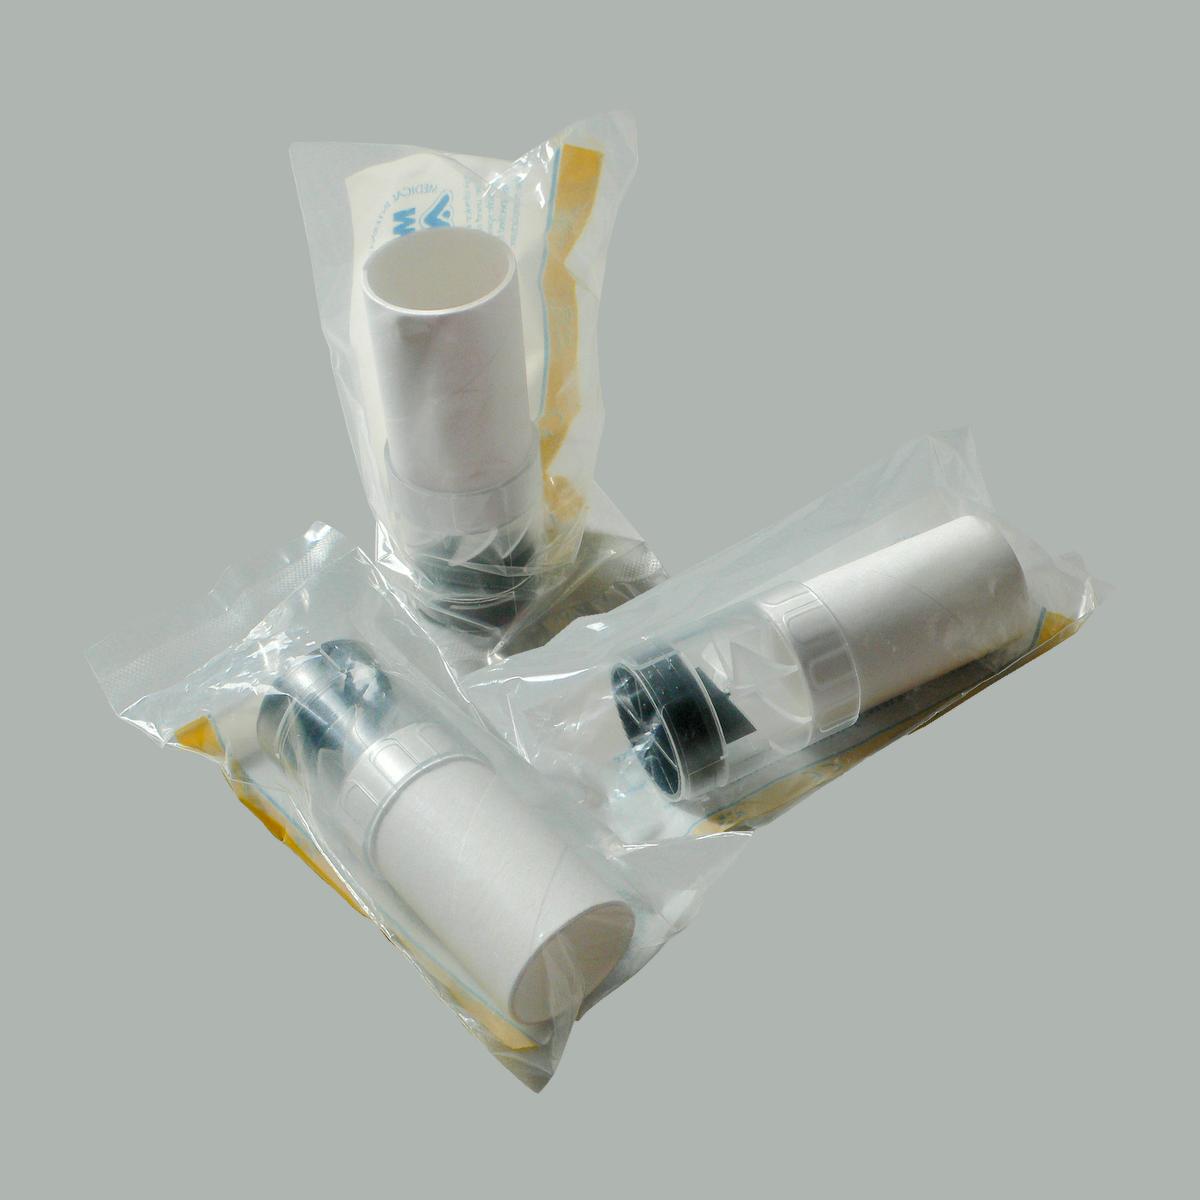 Турбина одноразовая с мундштуком для спирометров SpiroLab (315 р/комплект)